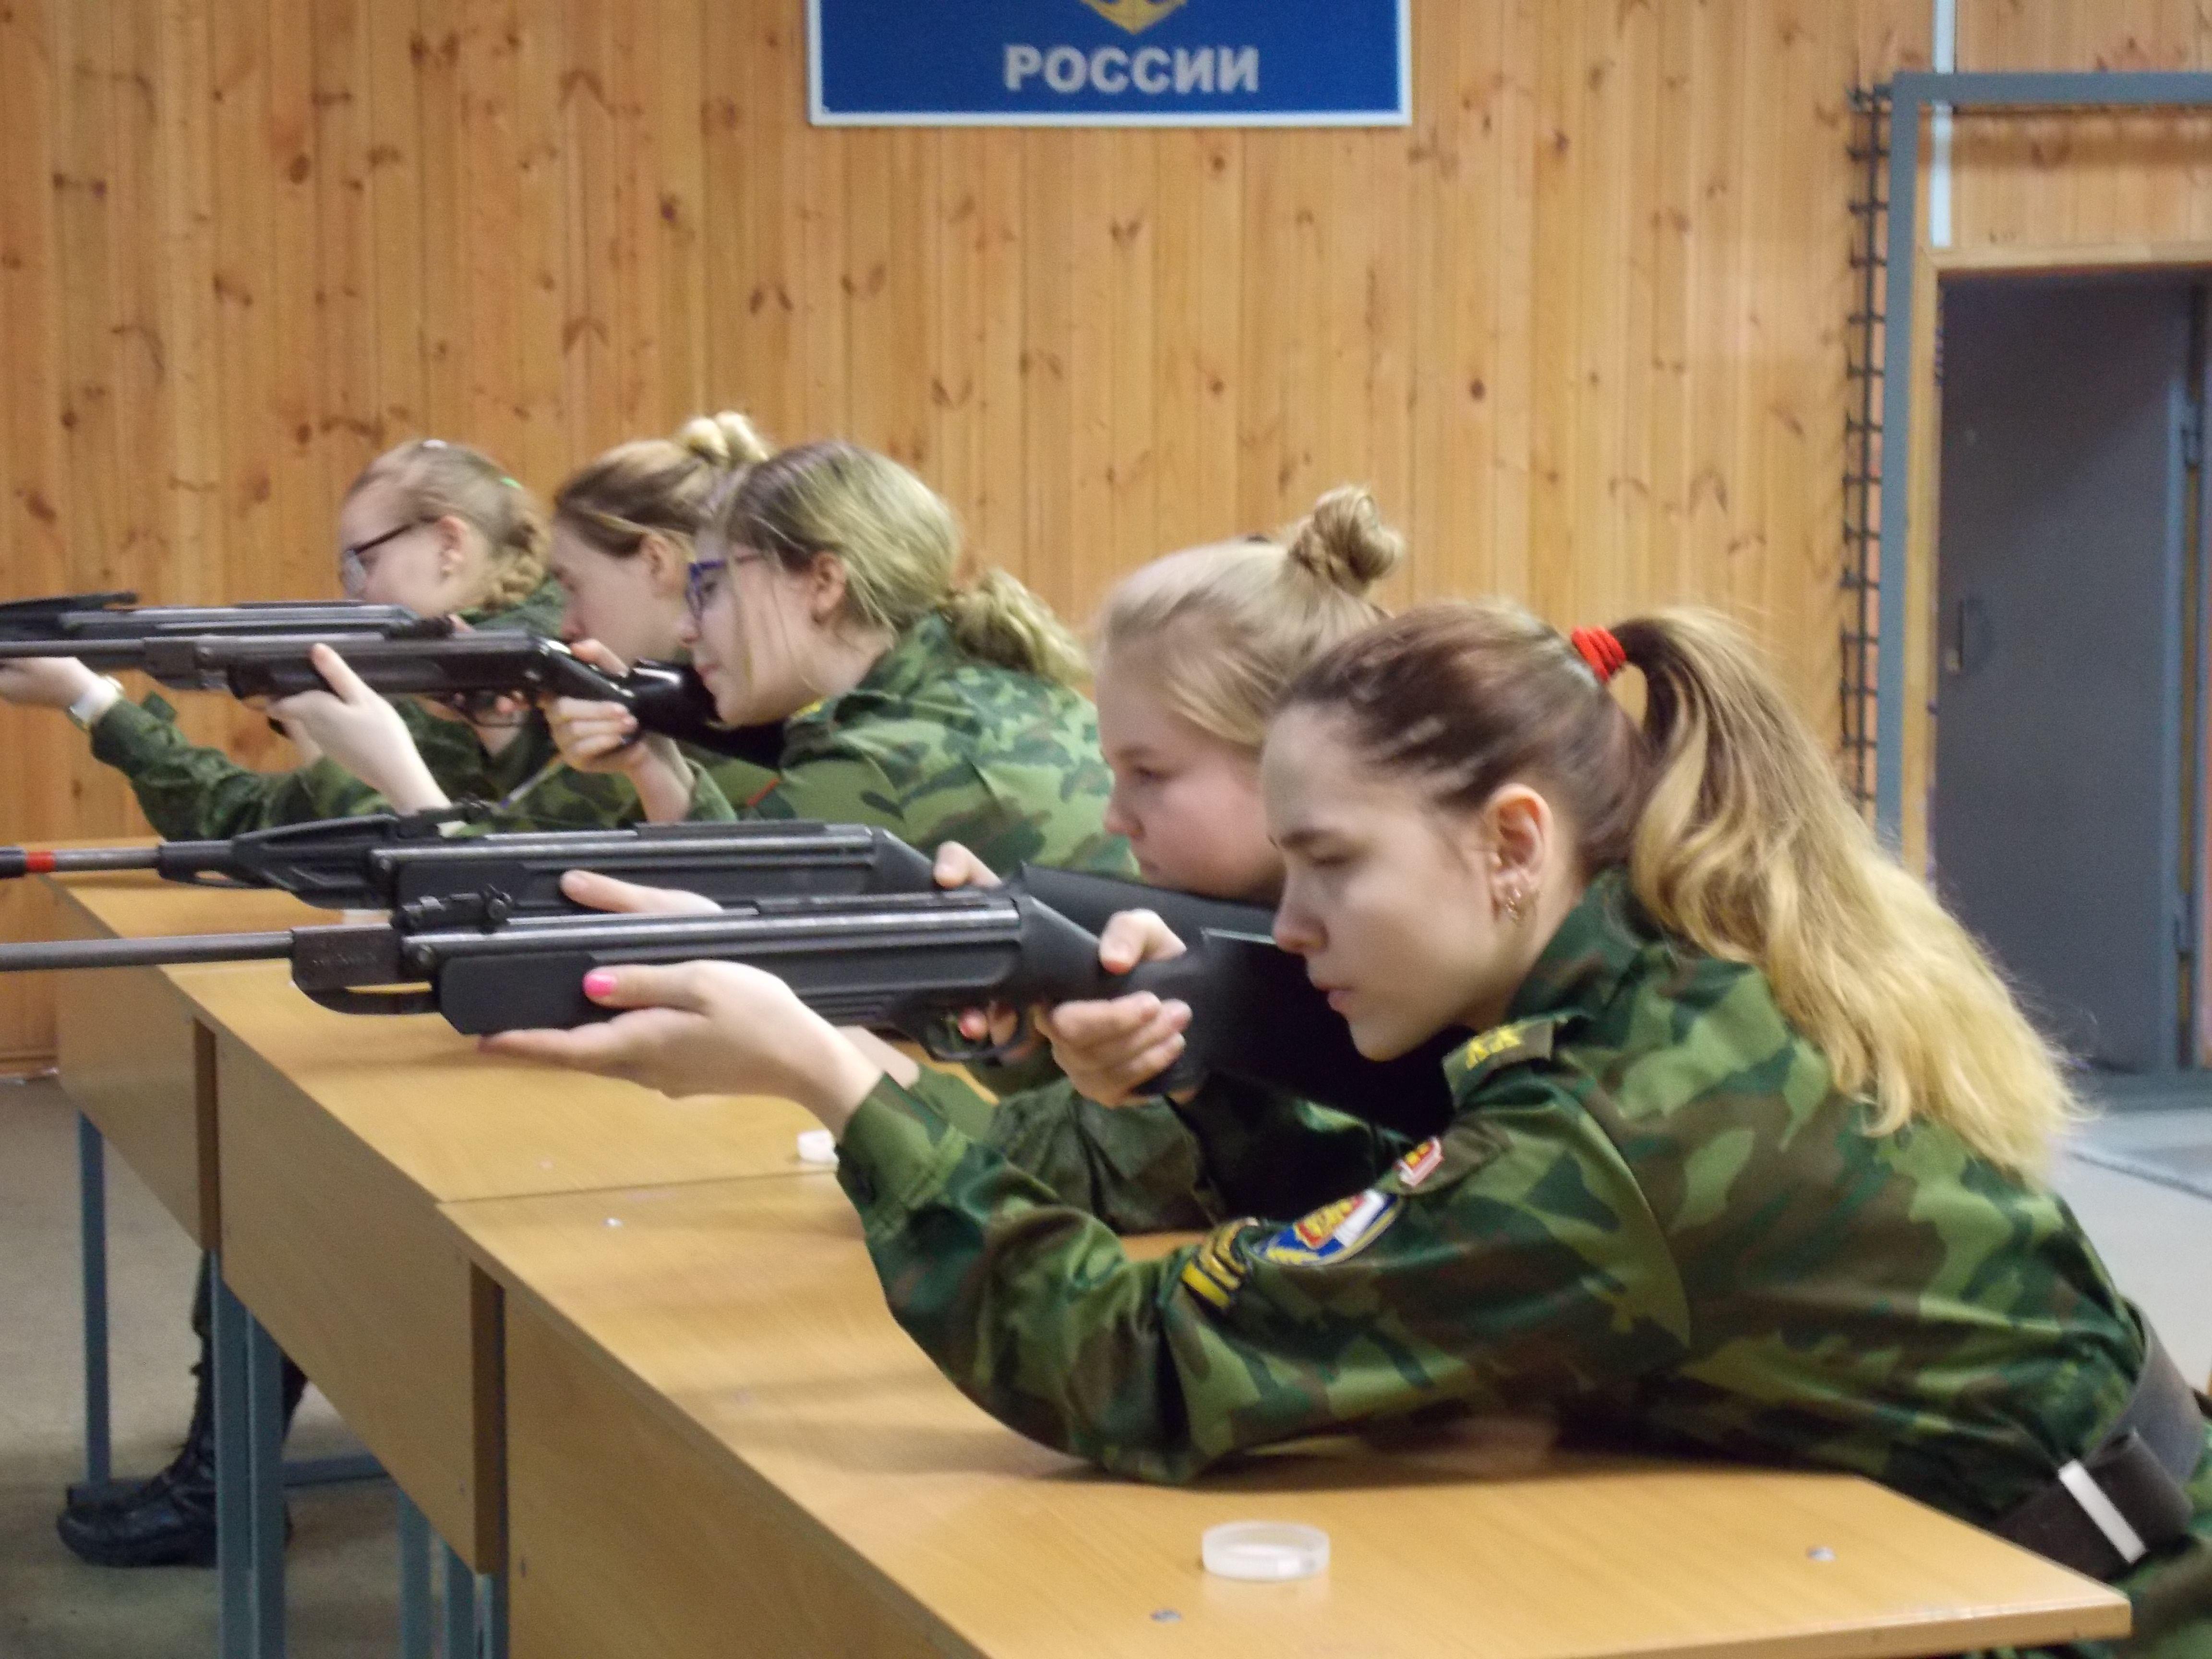 Соревнования по пулевой стрельбе, посвященные Международному женскому дню 8 марта